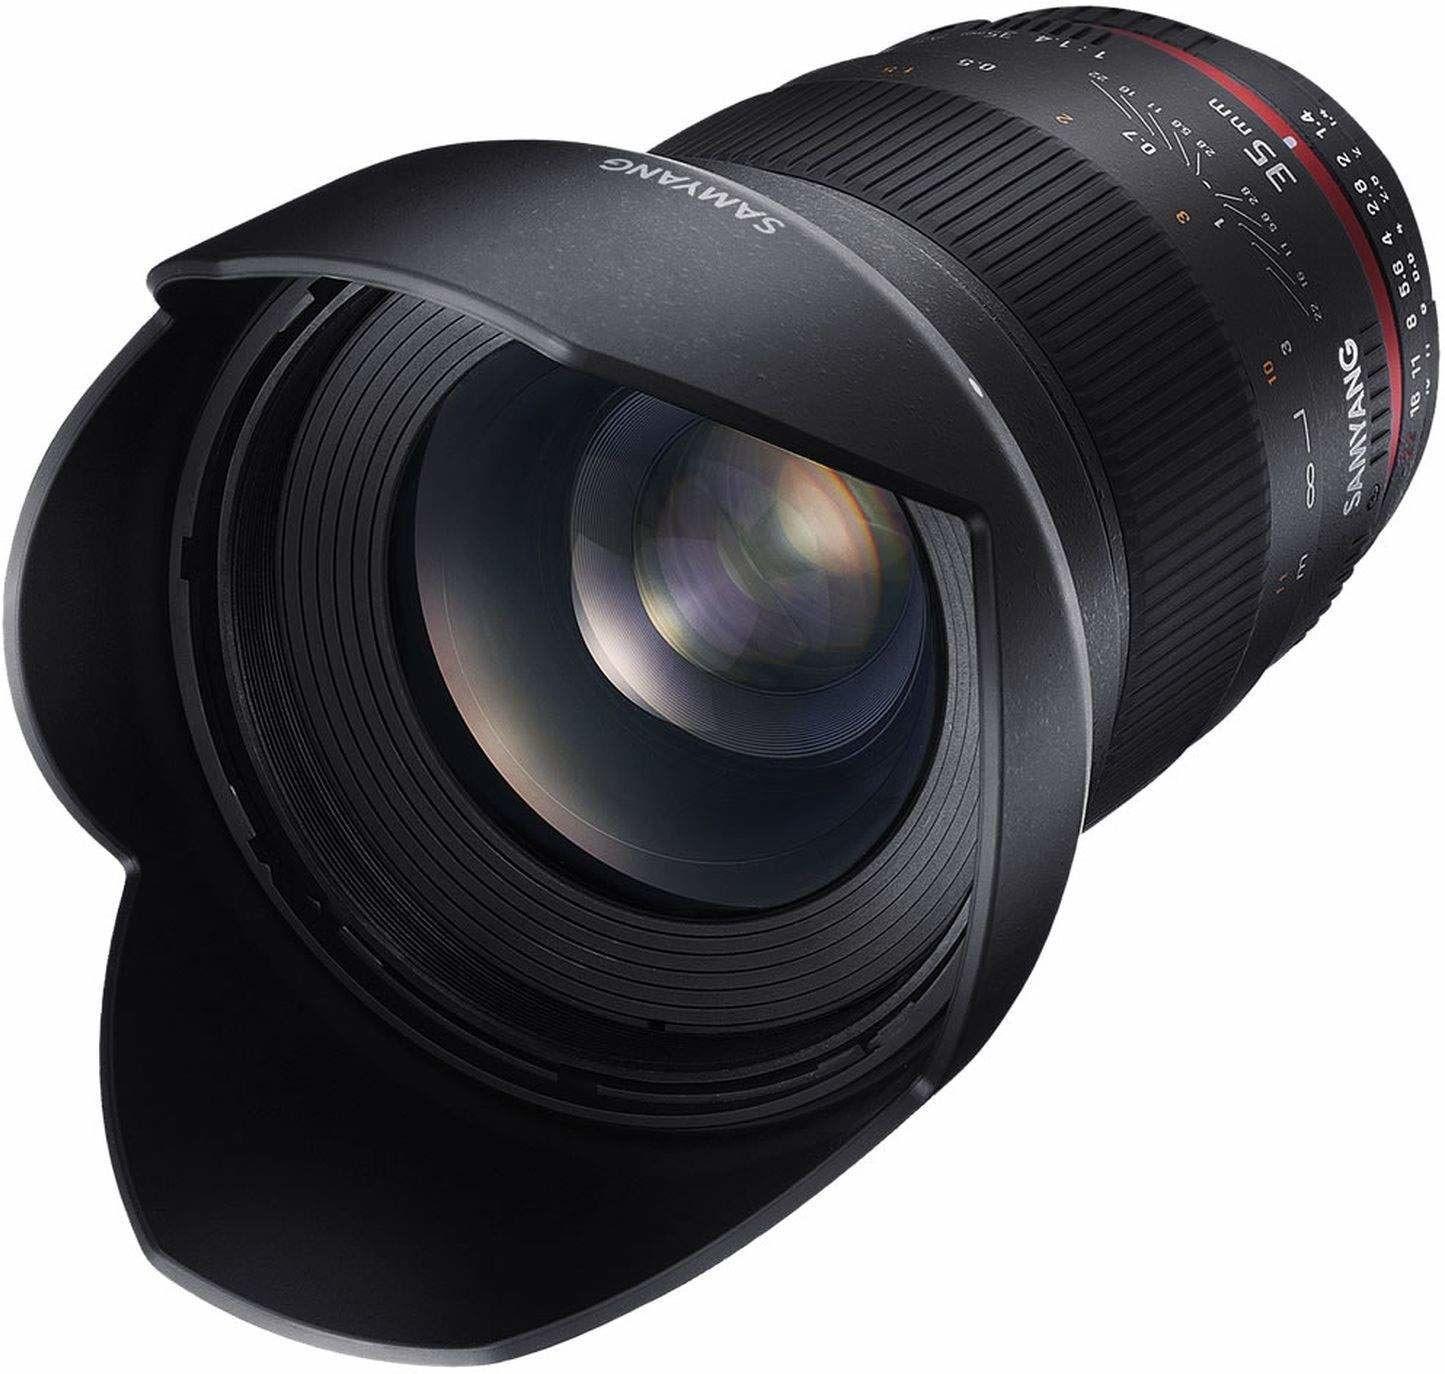 Samyang 35/1,4 obiektyw DSLR Nikon F AE ręczna regulacja ostrości, pierścień fotograficzny, obiektyw szerokokątny czarny